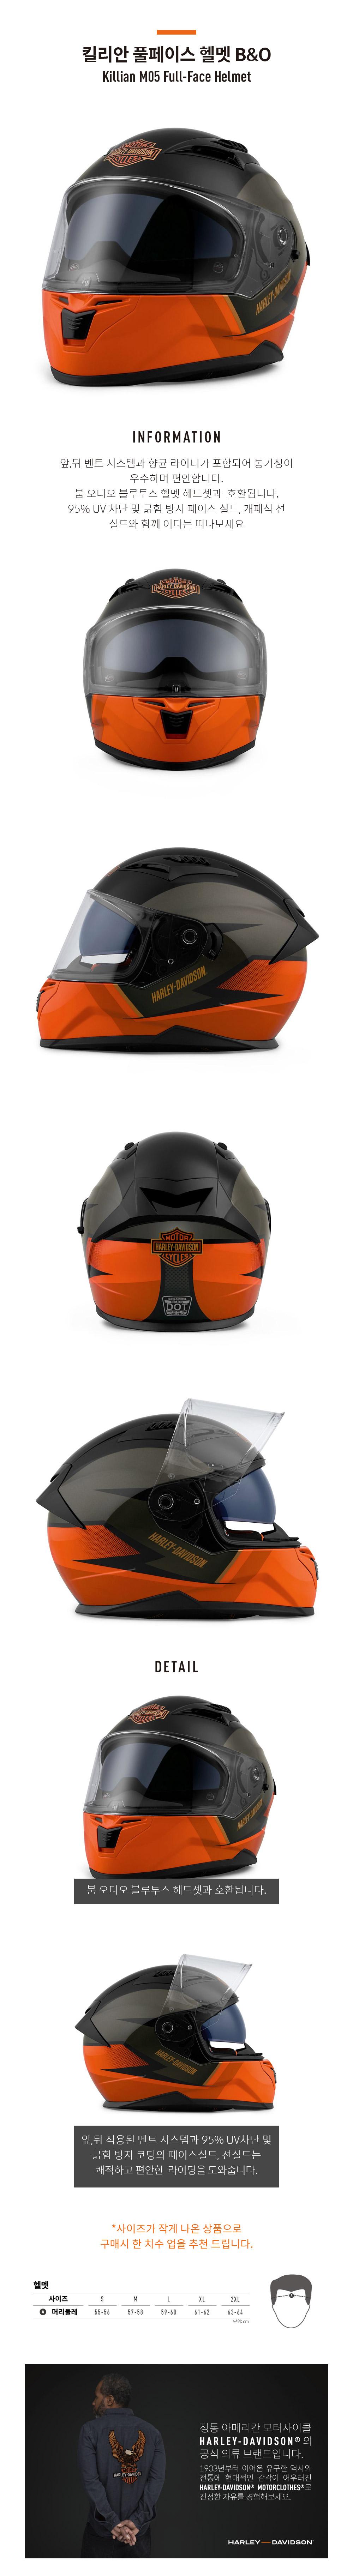 할리데이비슨 킬리안 풀페이스 헬멧 BO